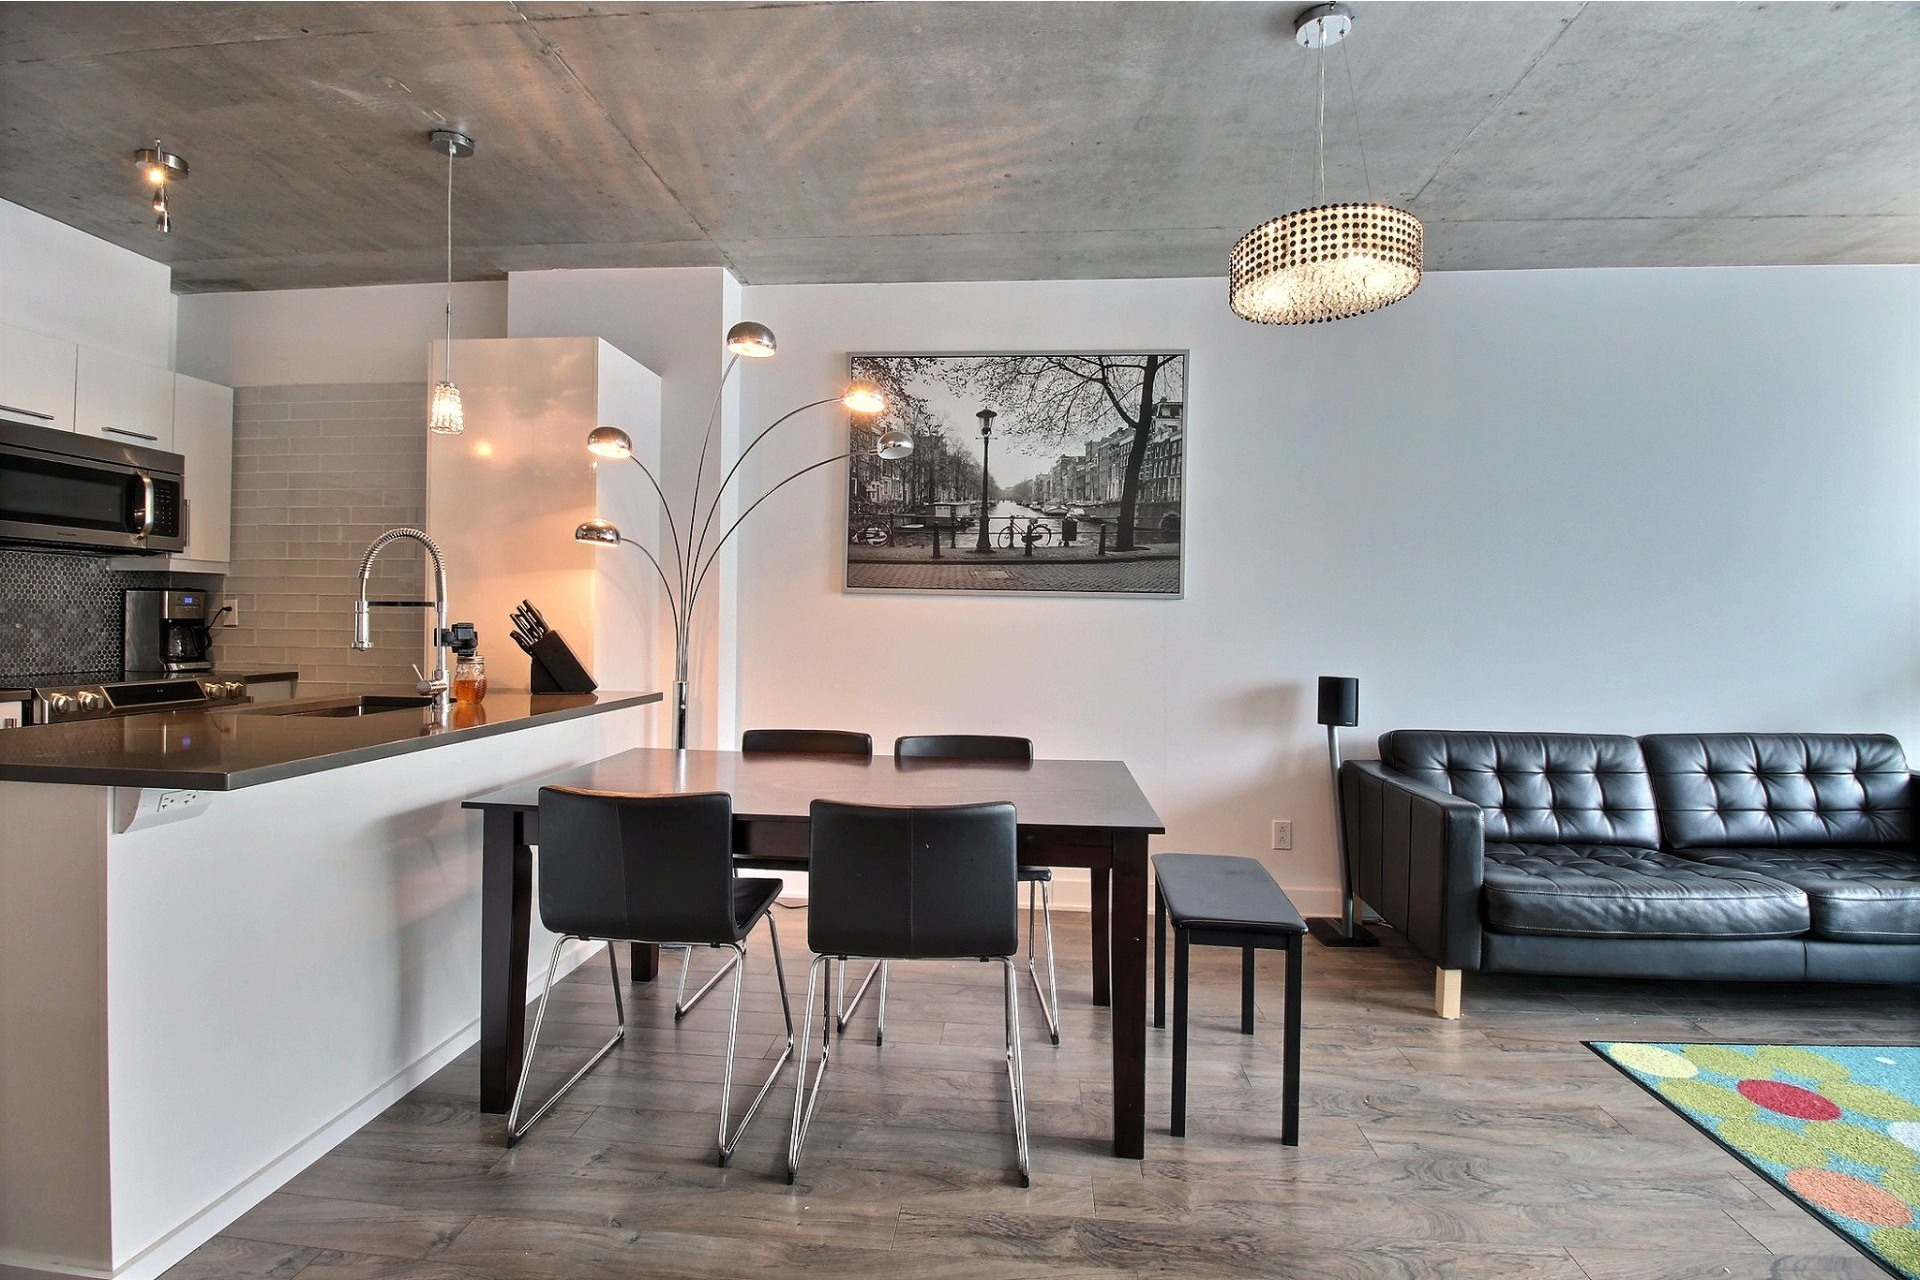 image 4 - Appartement À louer Montréal Le Sud-Ouest  - 6 pièces